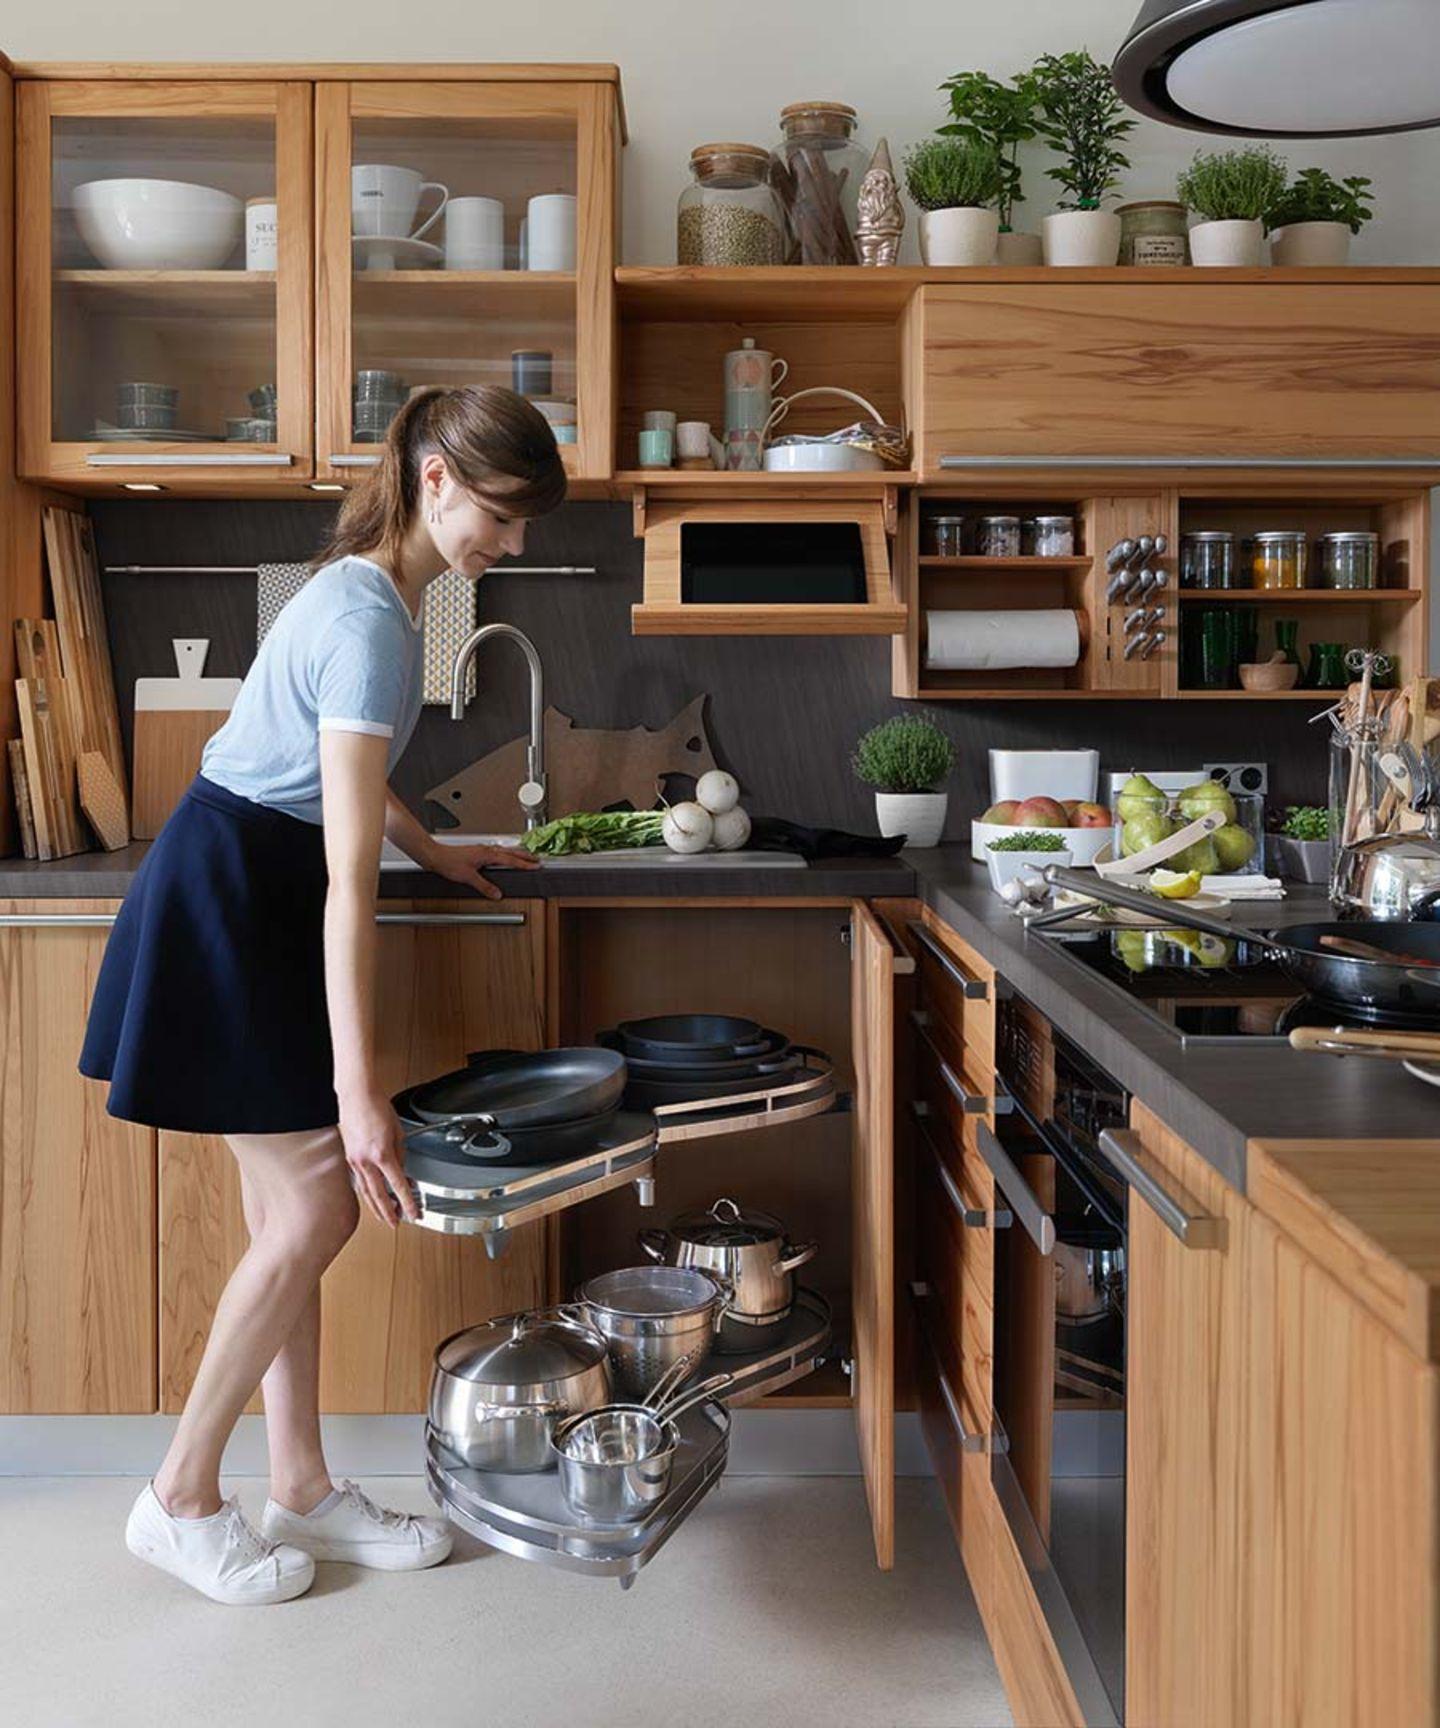 Cuisine en bois massif rondo avec armoire d'angle pratique